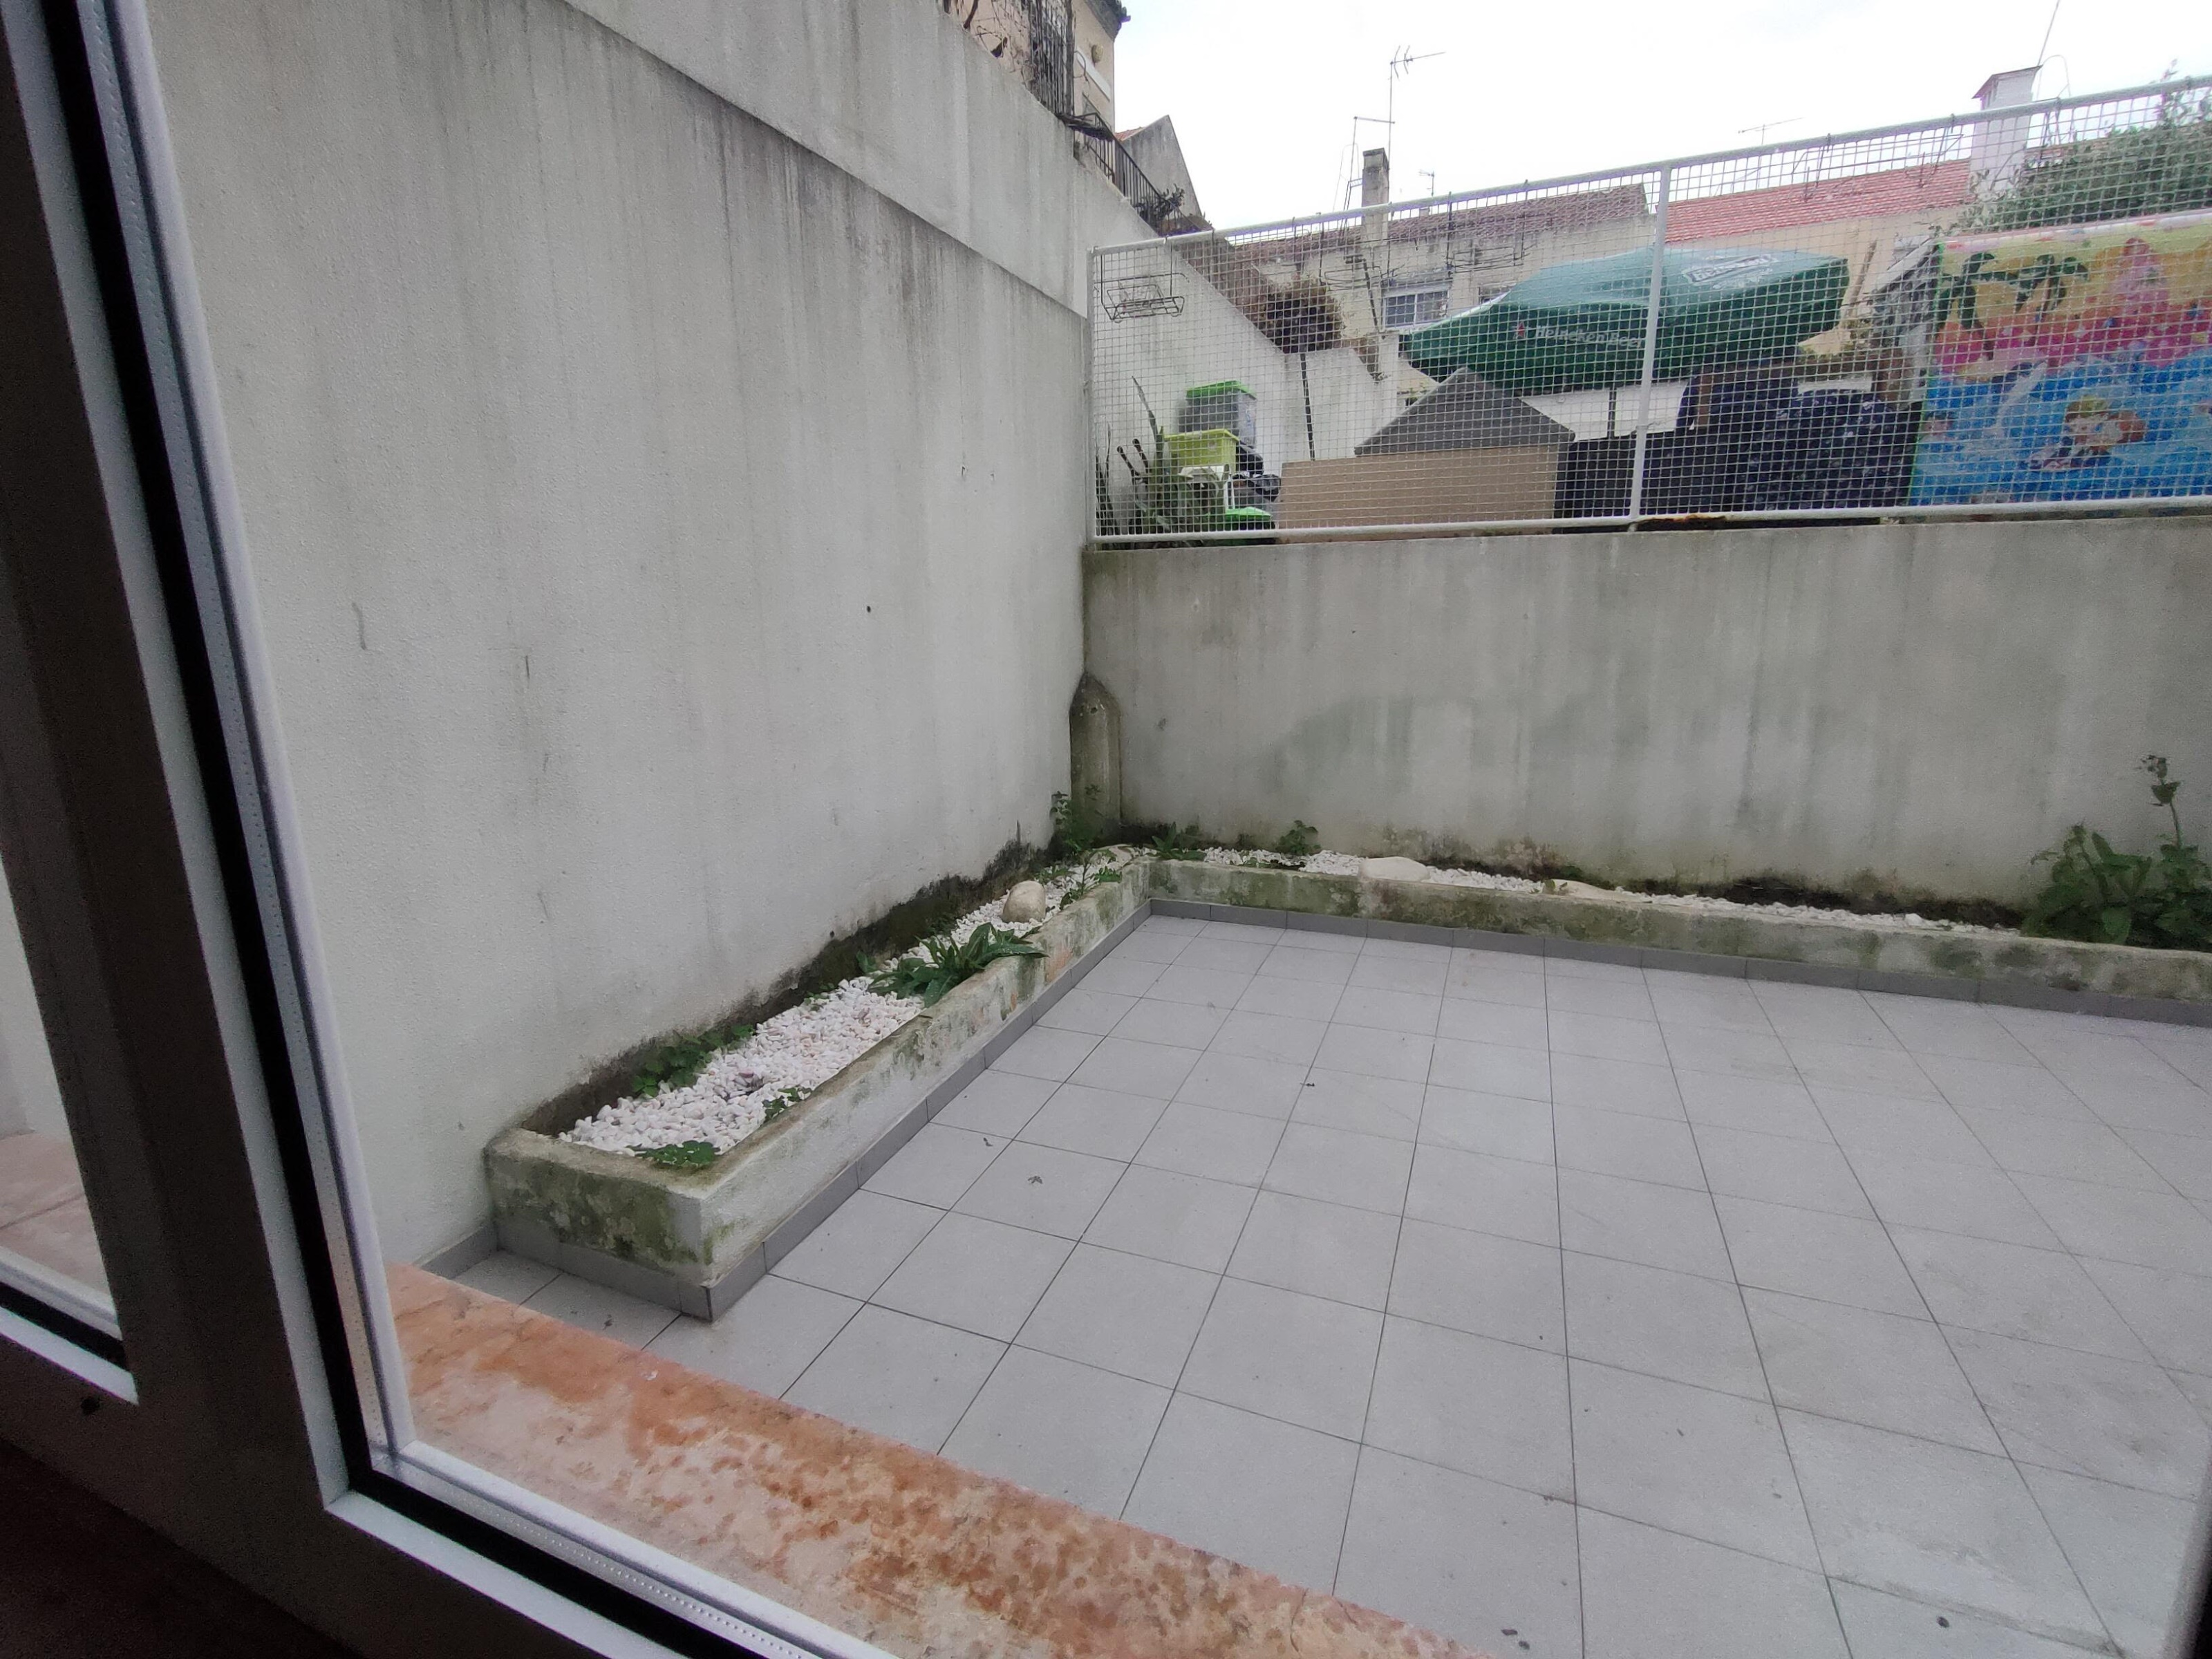 T0+1, terrace, Queluz, Palace